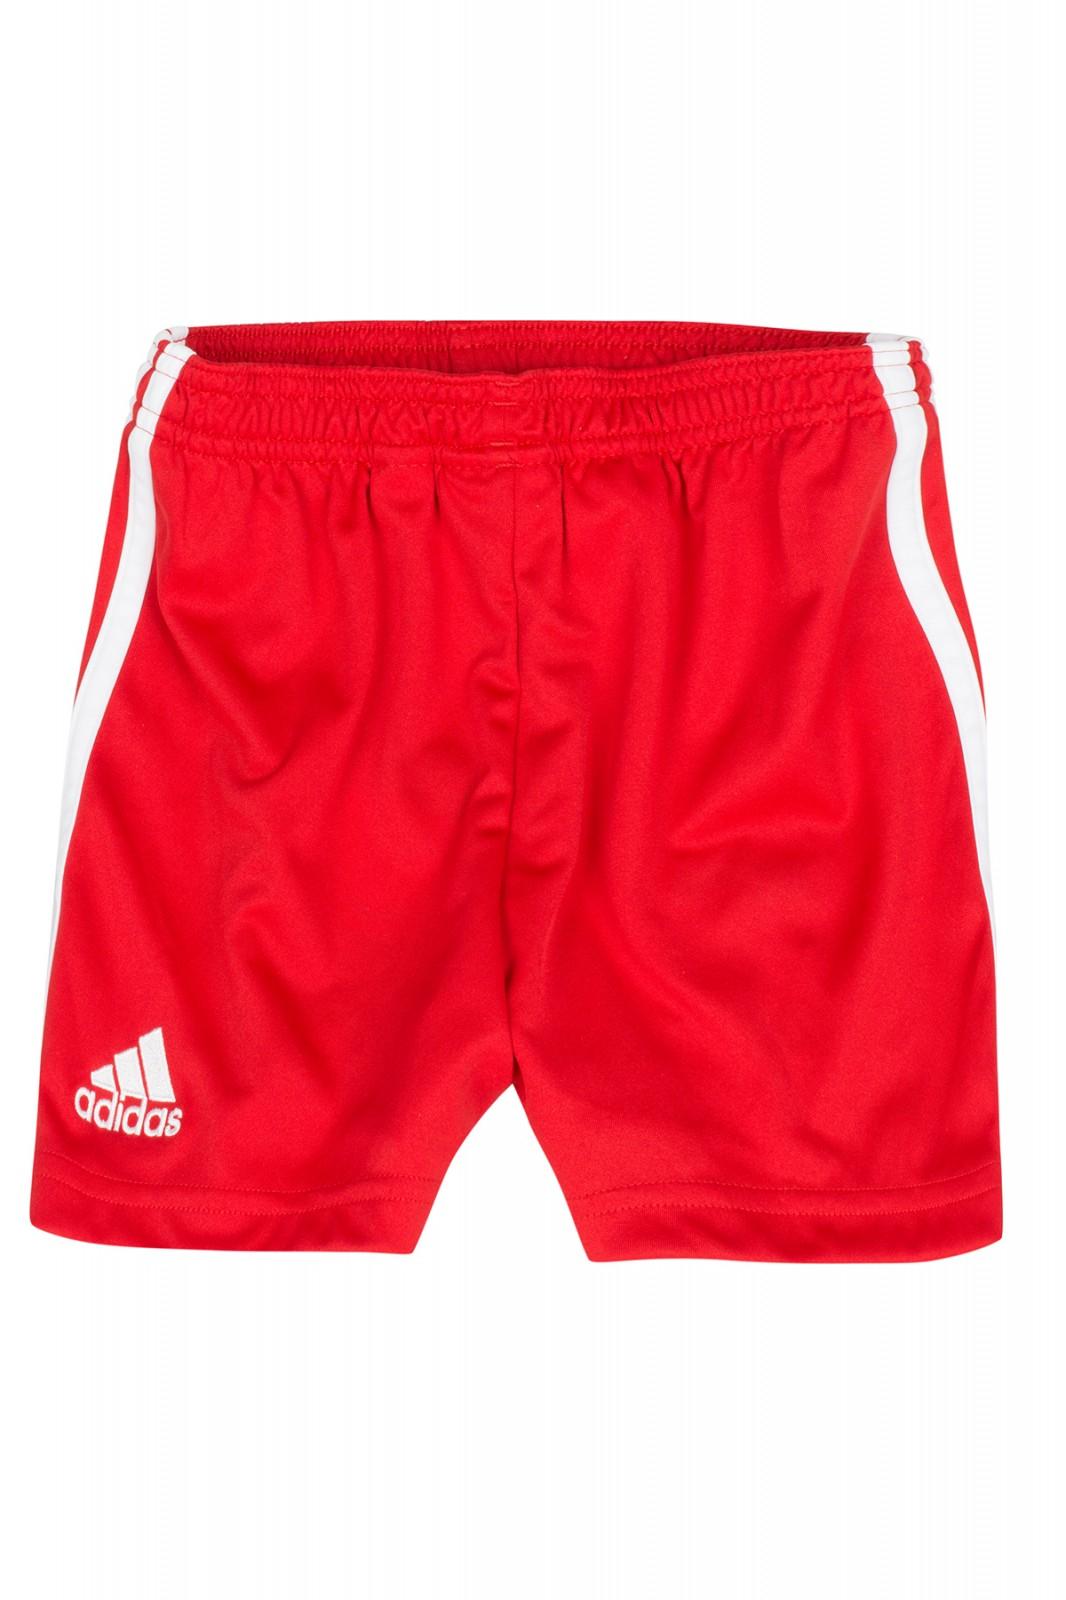 adidas Liverpool Shorts für Kinder (Gr. 92,104, 116) in Rot